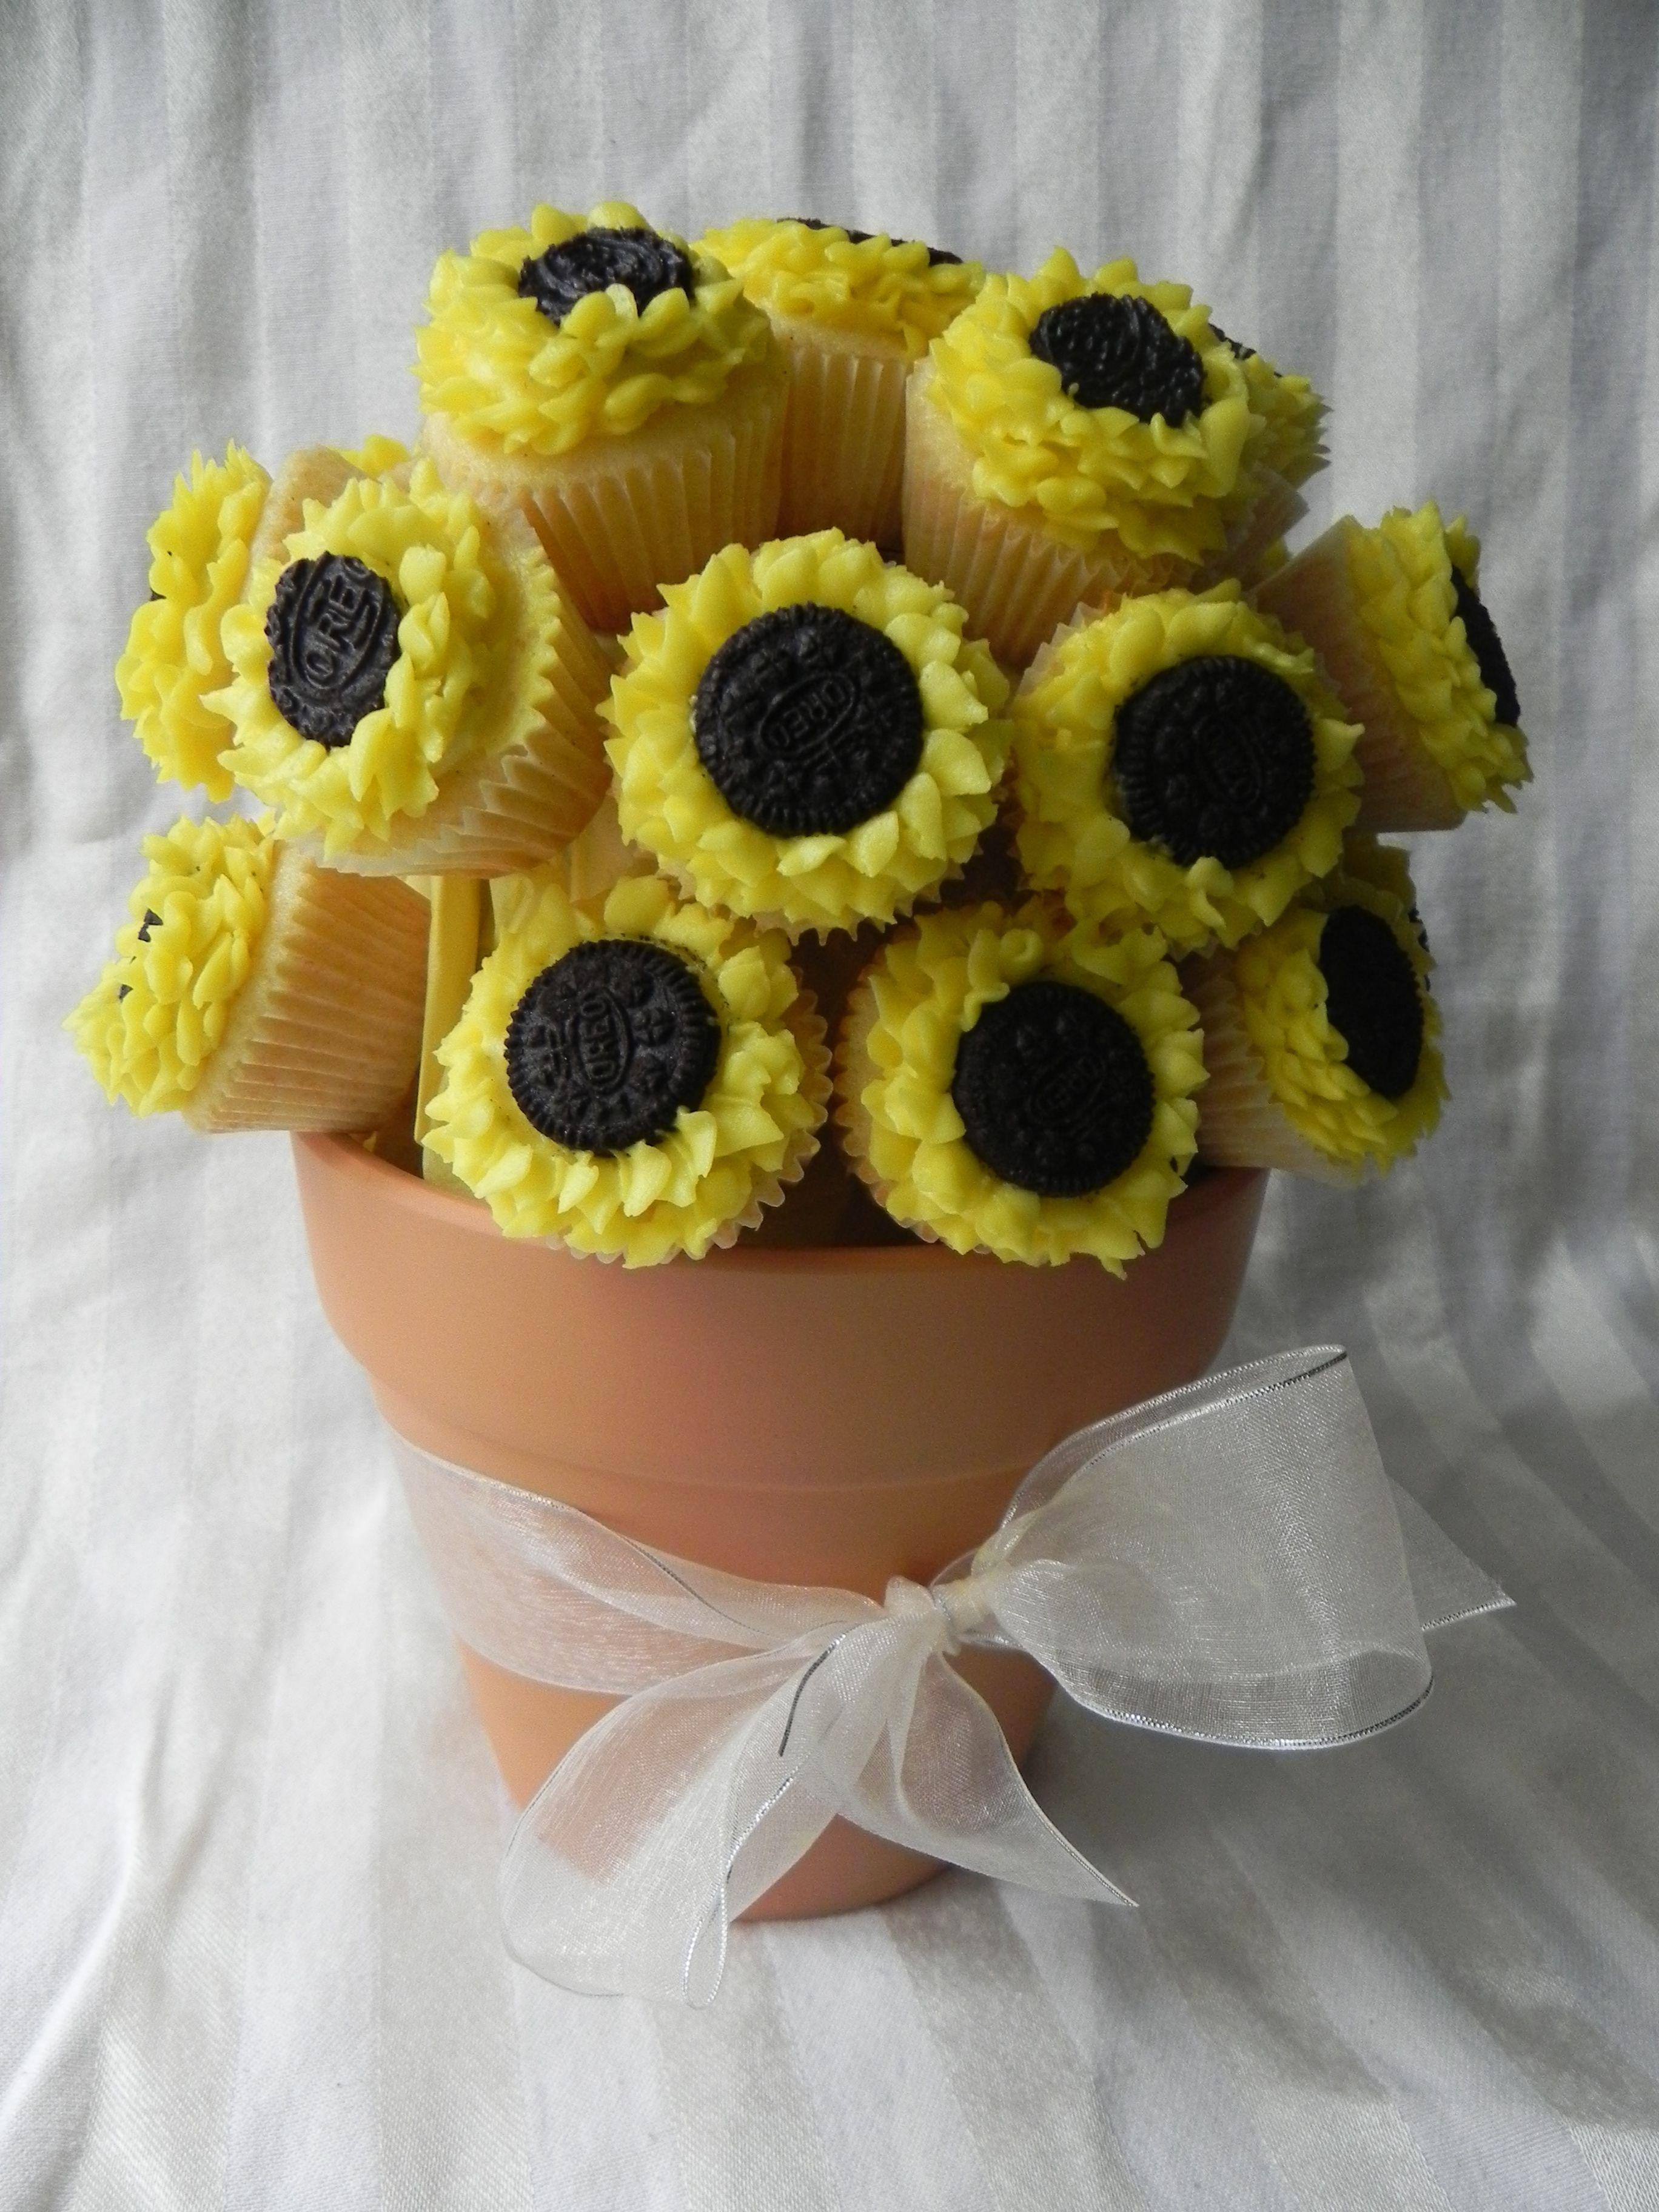 Sunflower cupcakes Dessert & baked goo s